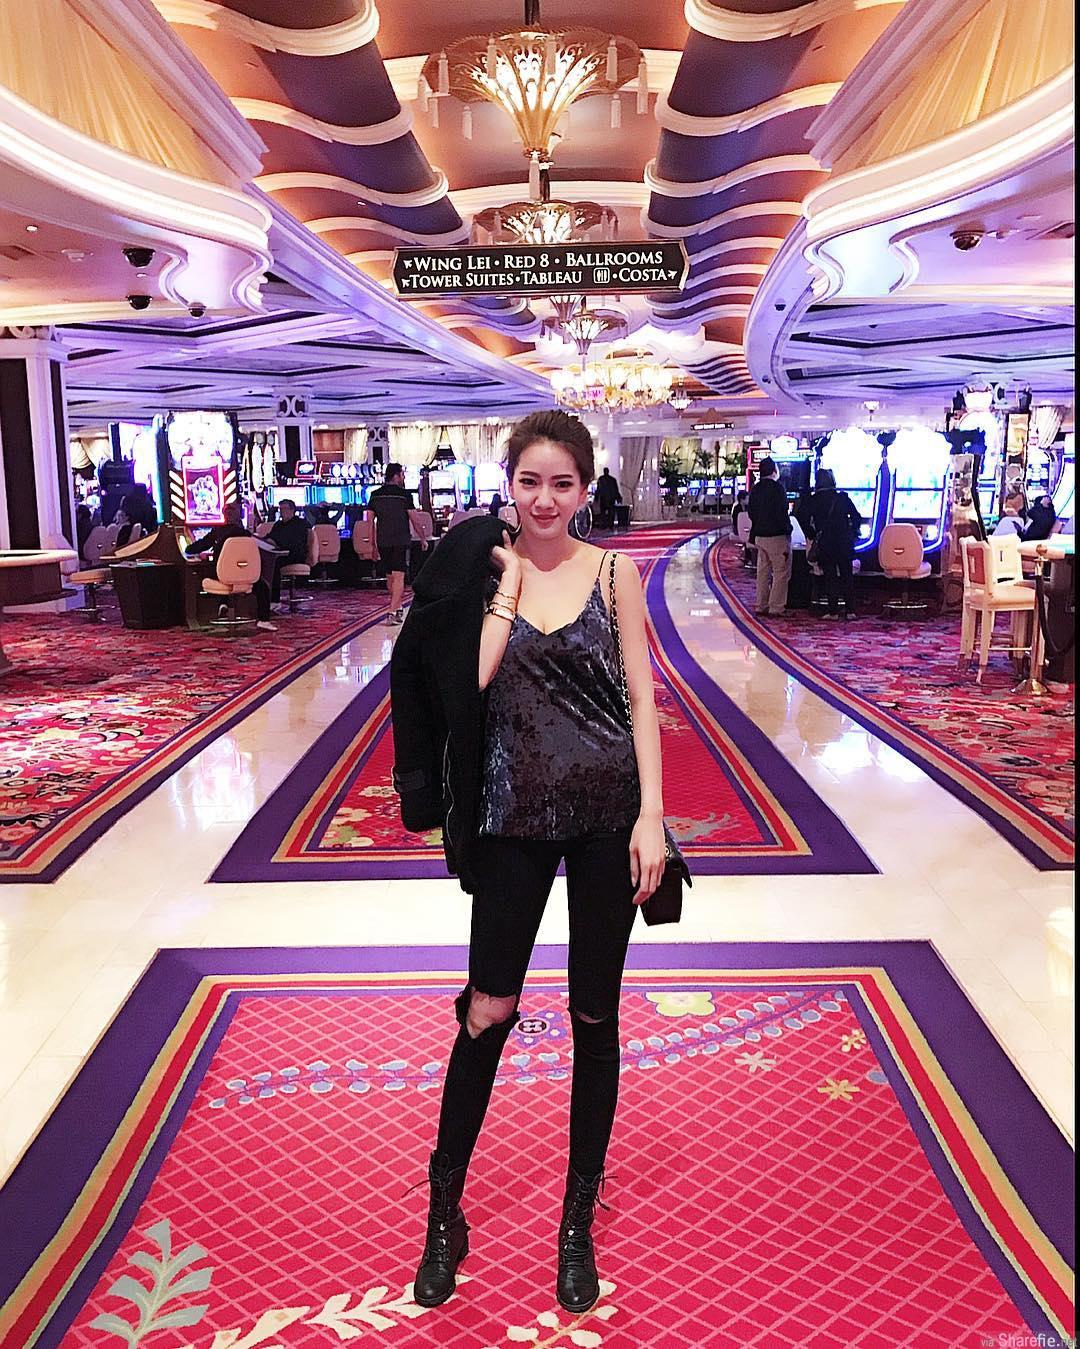 台湾长腿空姐 Michelle  穿上低胸吊带到美国赌城夜店 结果遇到...